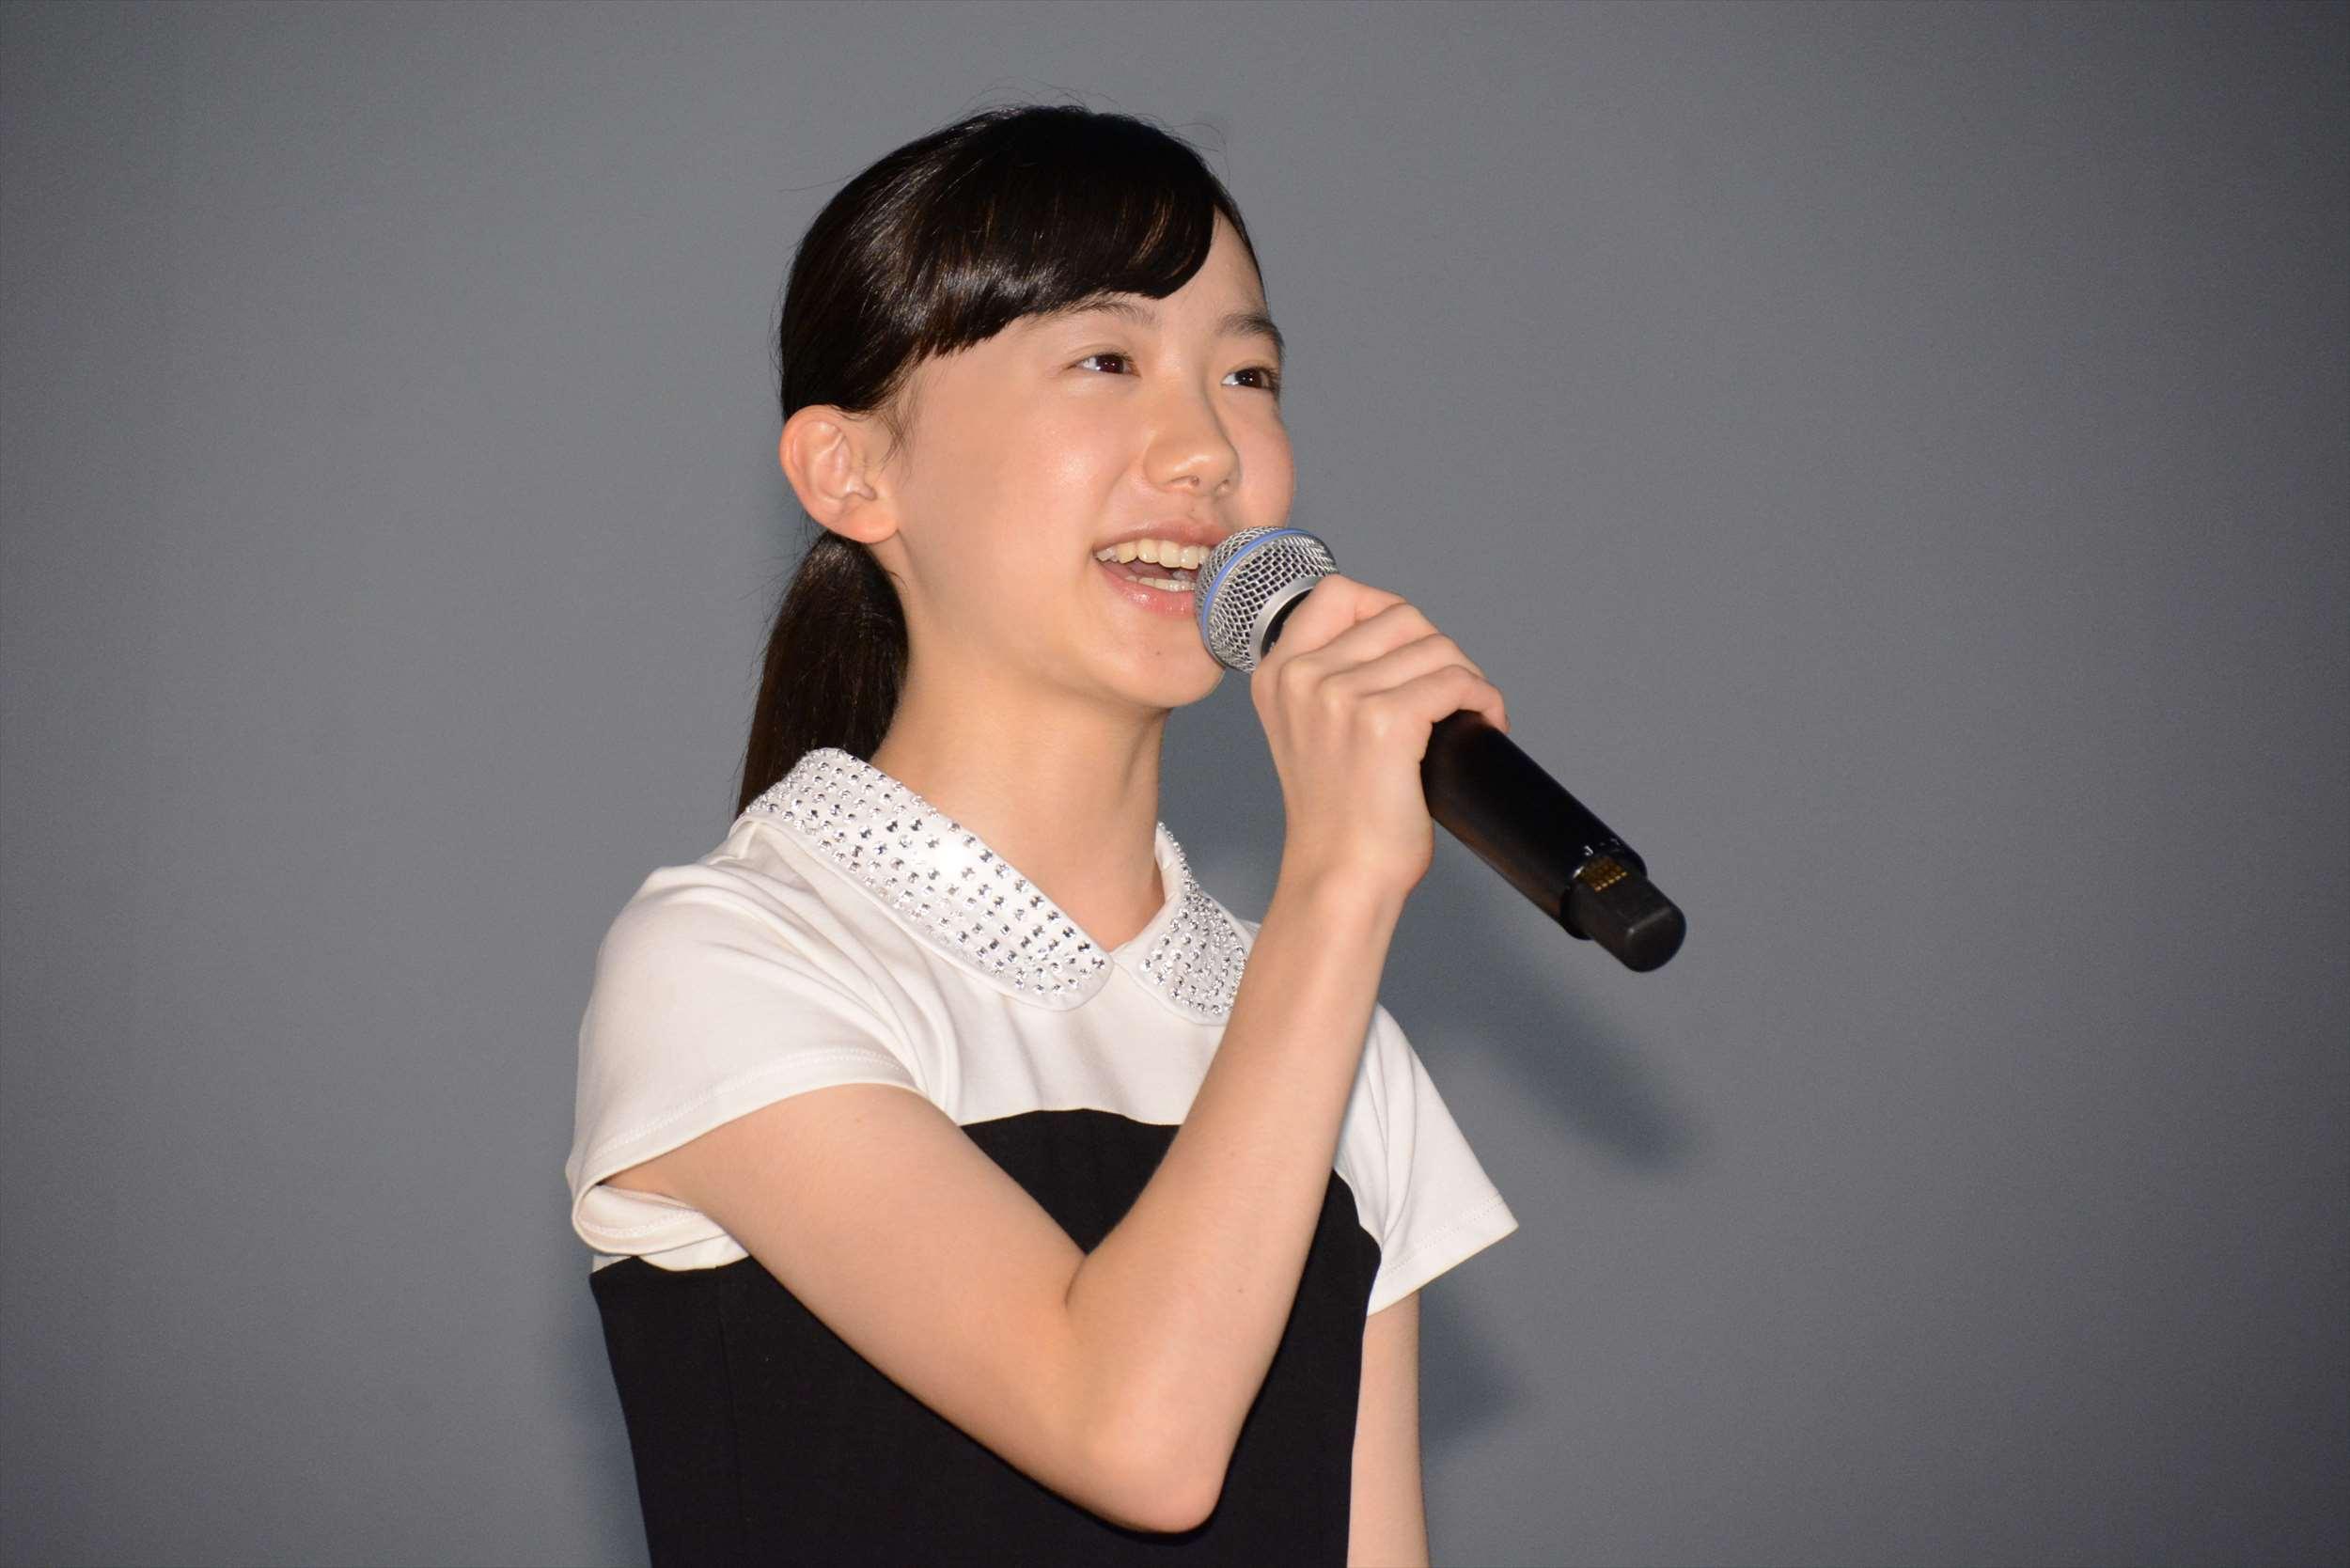 芦田愛菜さん(12)の最新画像がこちら めっちゃ大人っぽくなってる [無断転載禁止]©2ch.net [665913571]YouTube動画>1本 ->画像>62枚